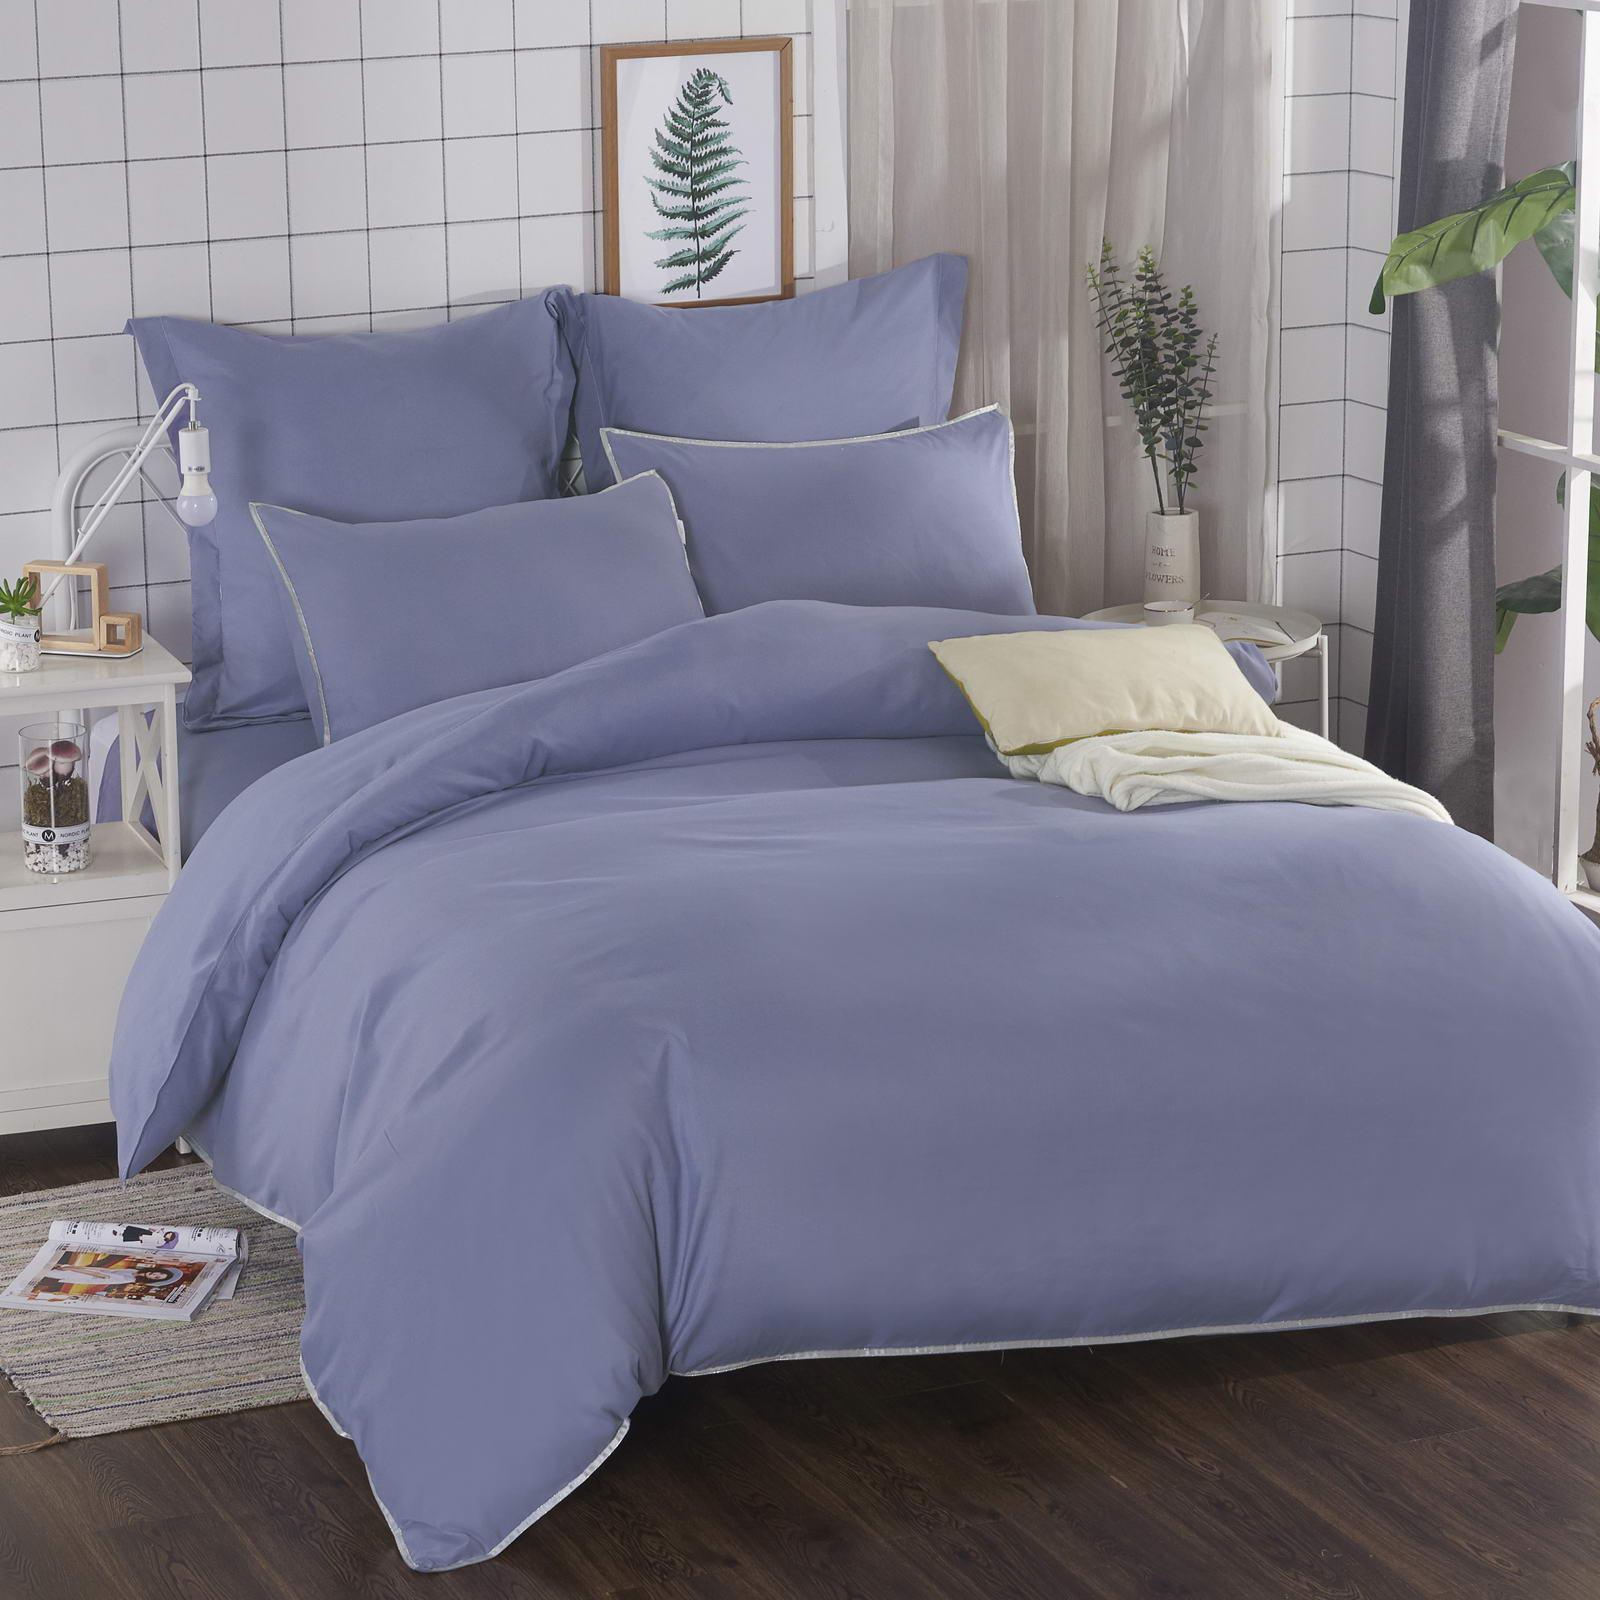 Комплект постельного белья Sofi De Marko Шедоу Двуспальный евро (ЕВРО-Ш-№3)